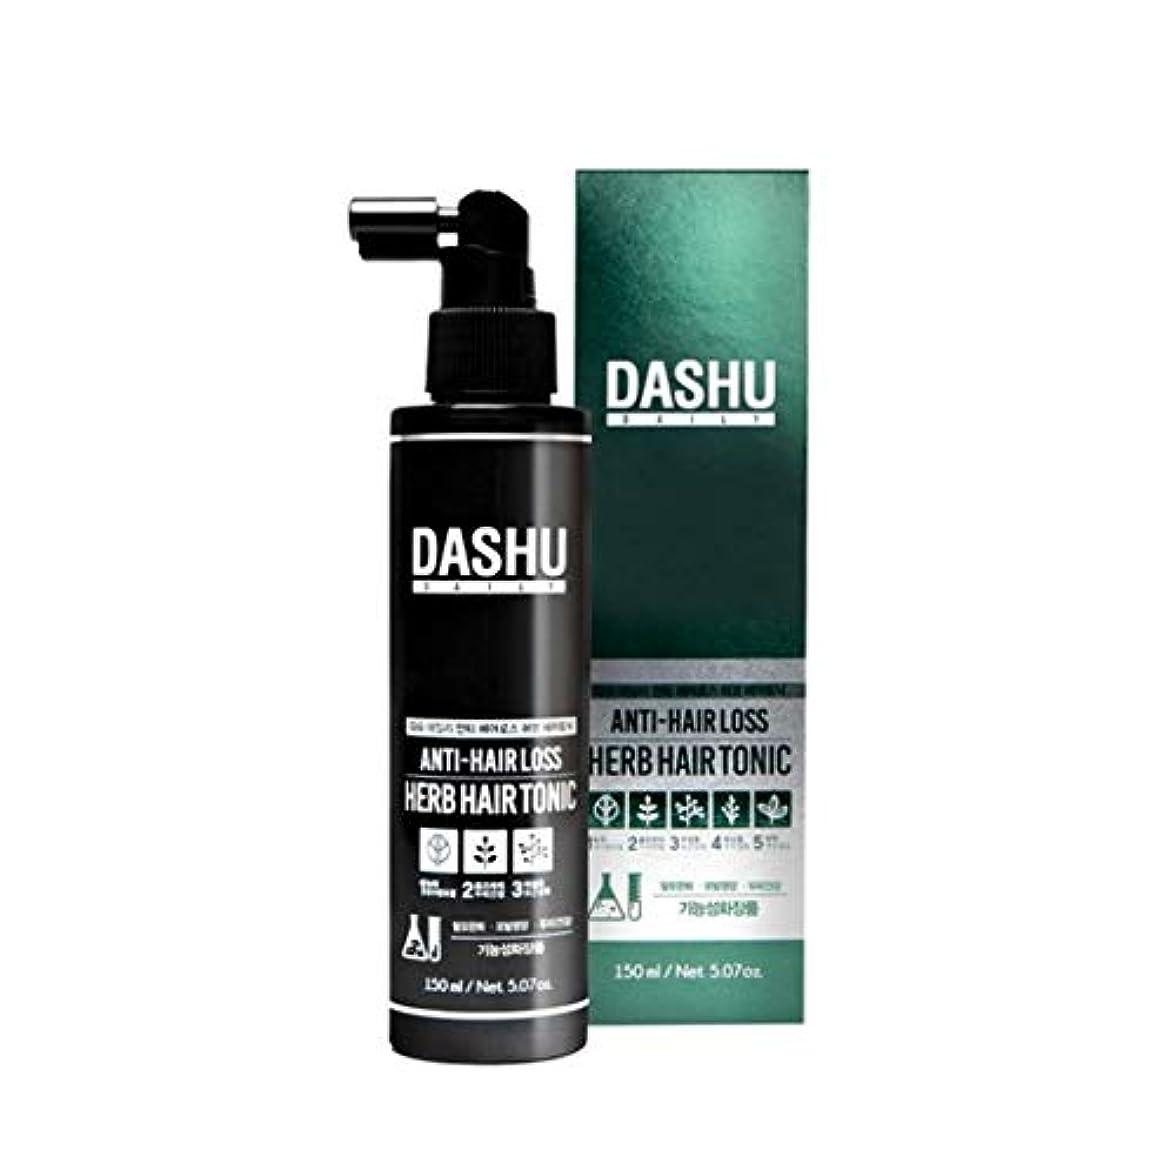 結論開発する年次ダシュデイリーアンチヘアロスハブヘアトニック150ml韓国コスメ、Dashu Daily Anti-Hair Loss Herb Hair Tonic 150ml Korean Cosmetics {並行輸入品]